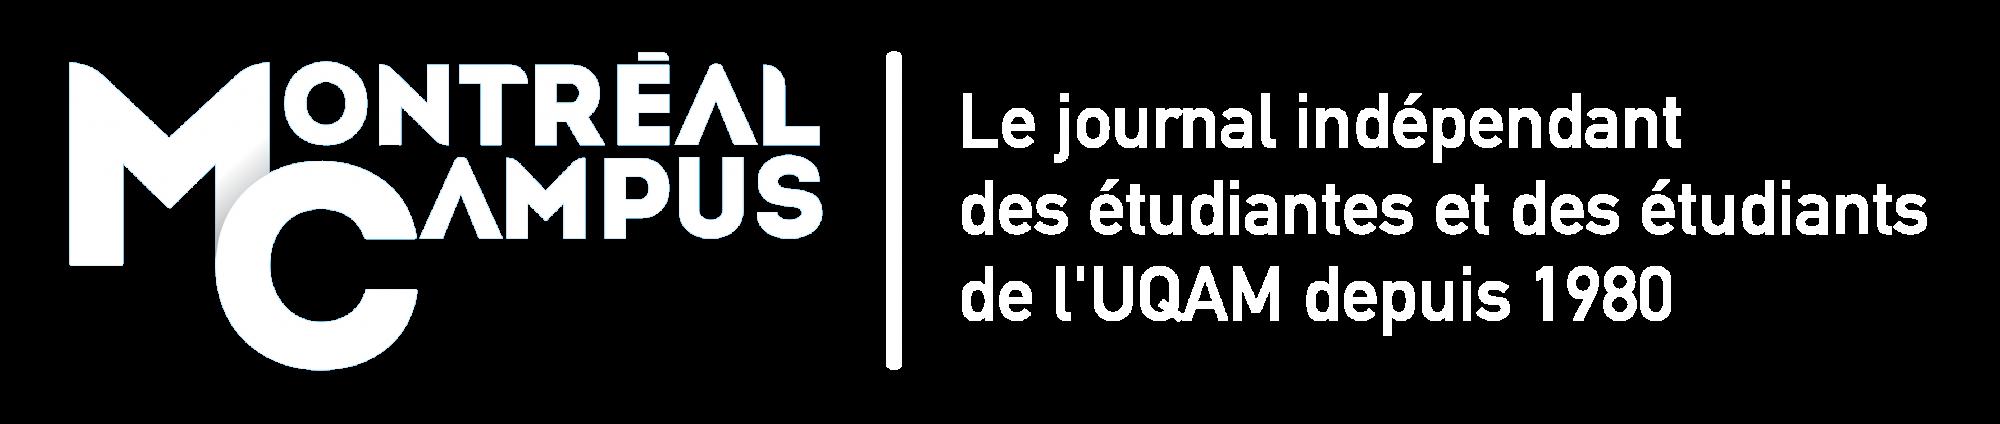 Montréal Campus